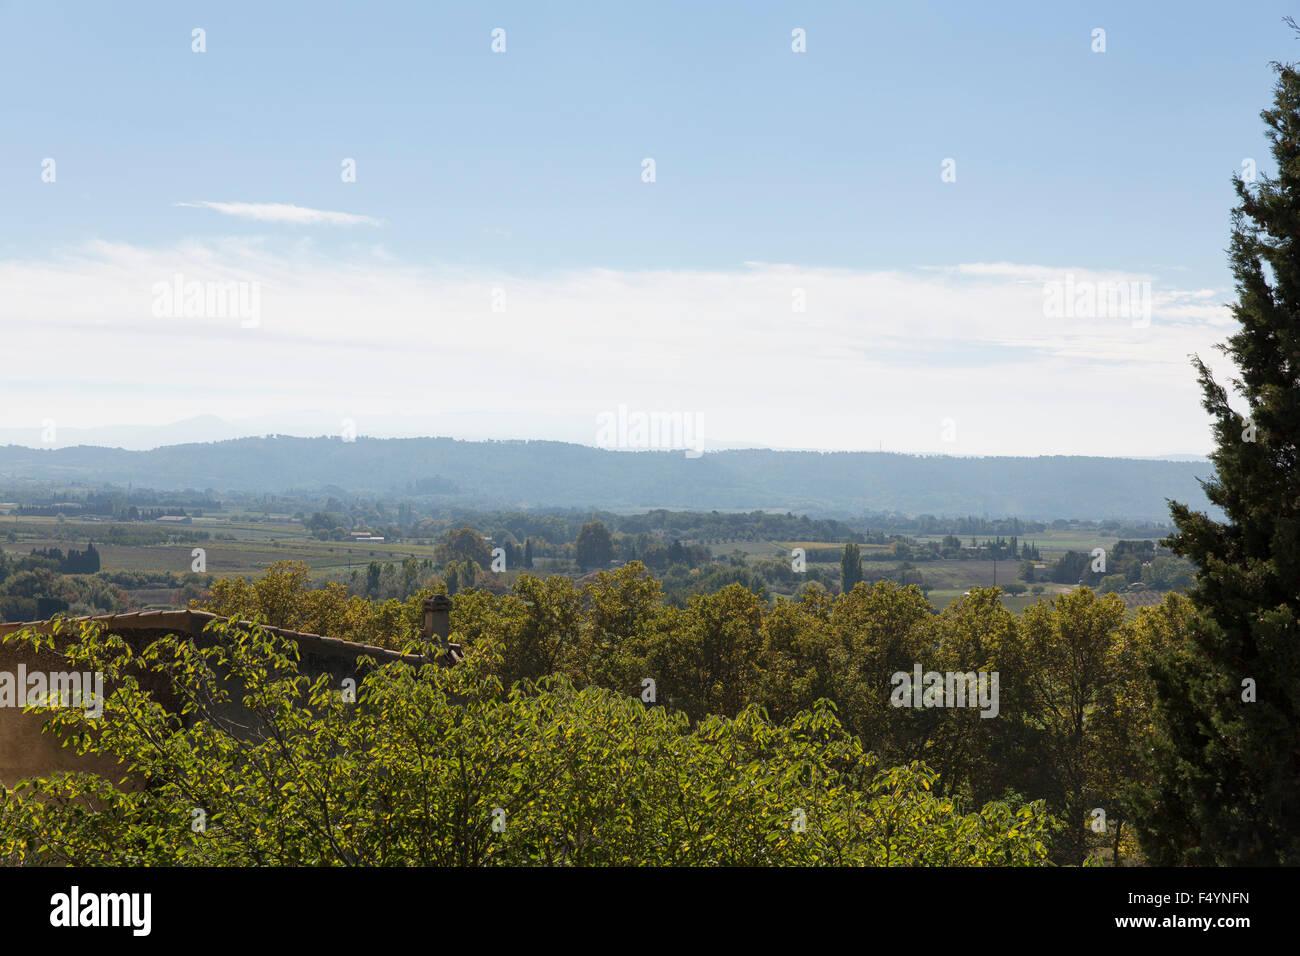 Blick über die liebliche Landschaft des Luberon - Stock Image